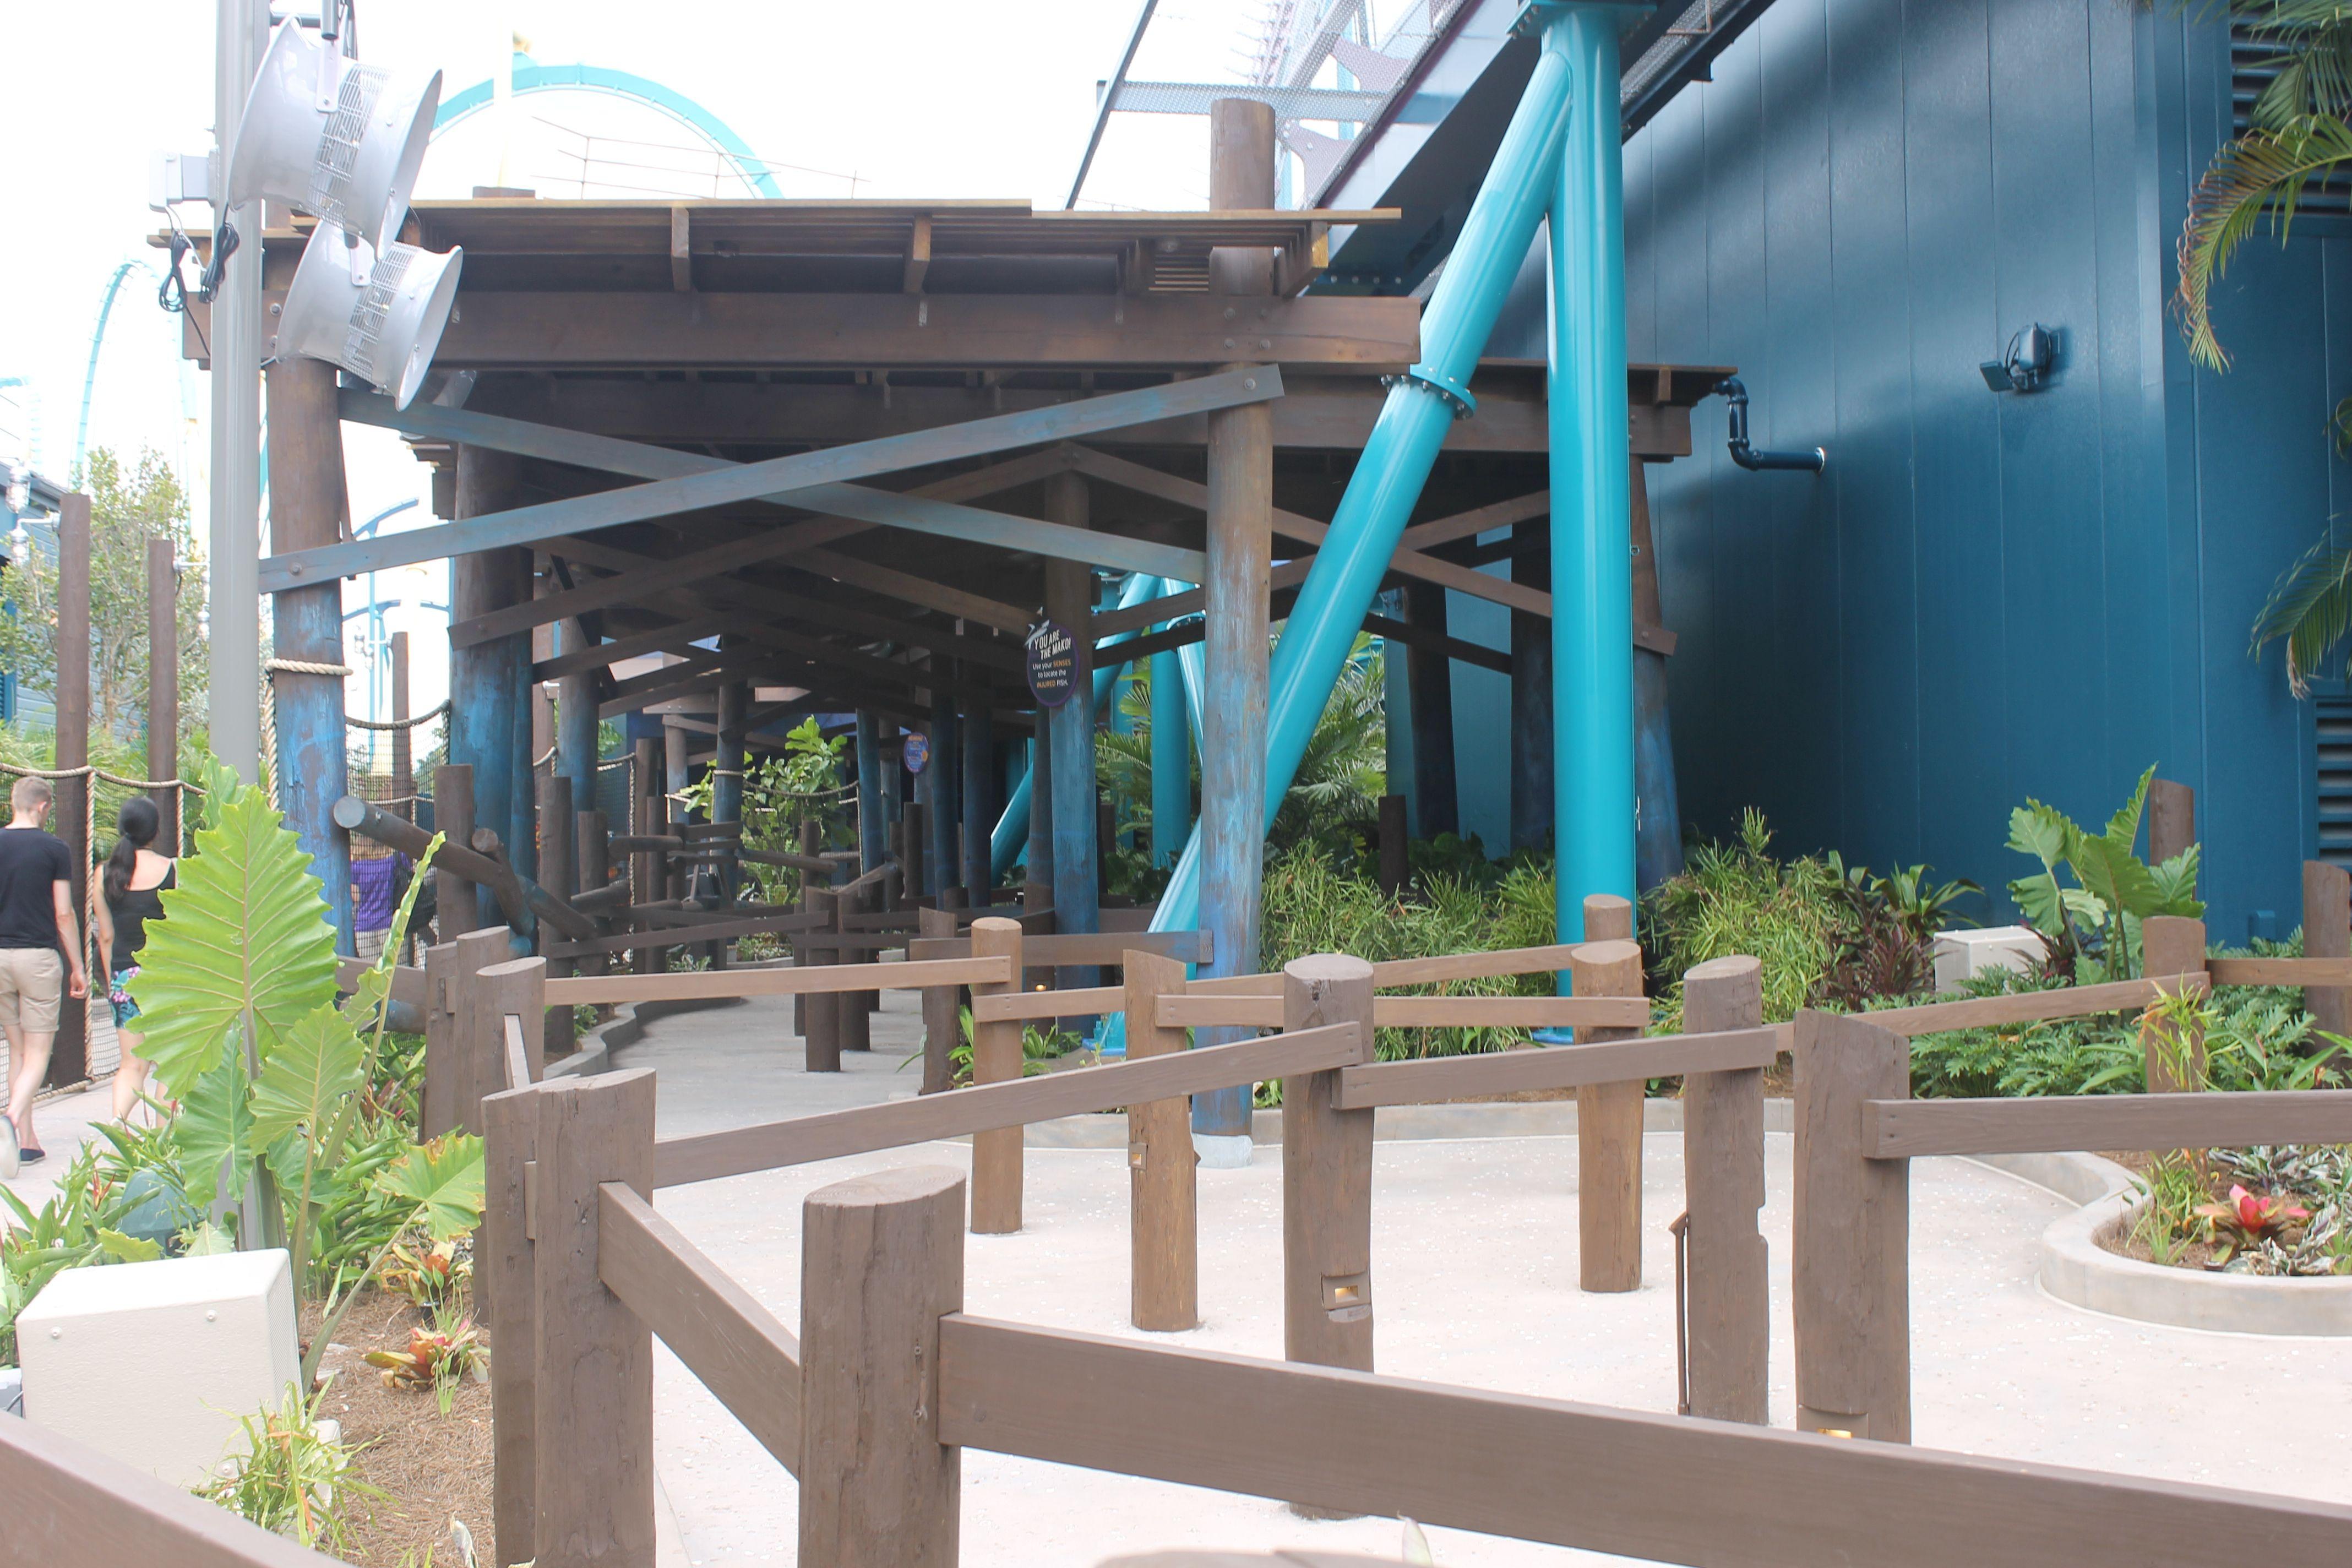 Mako queue area